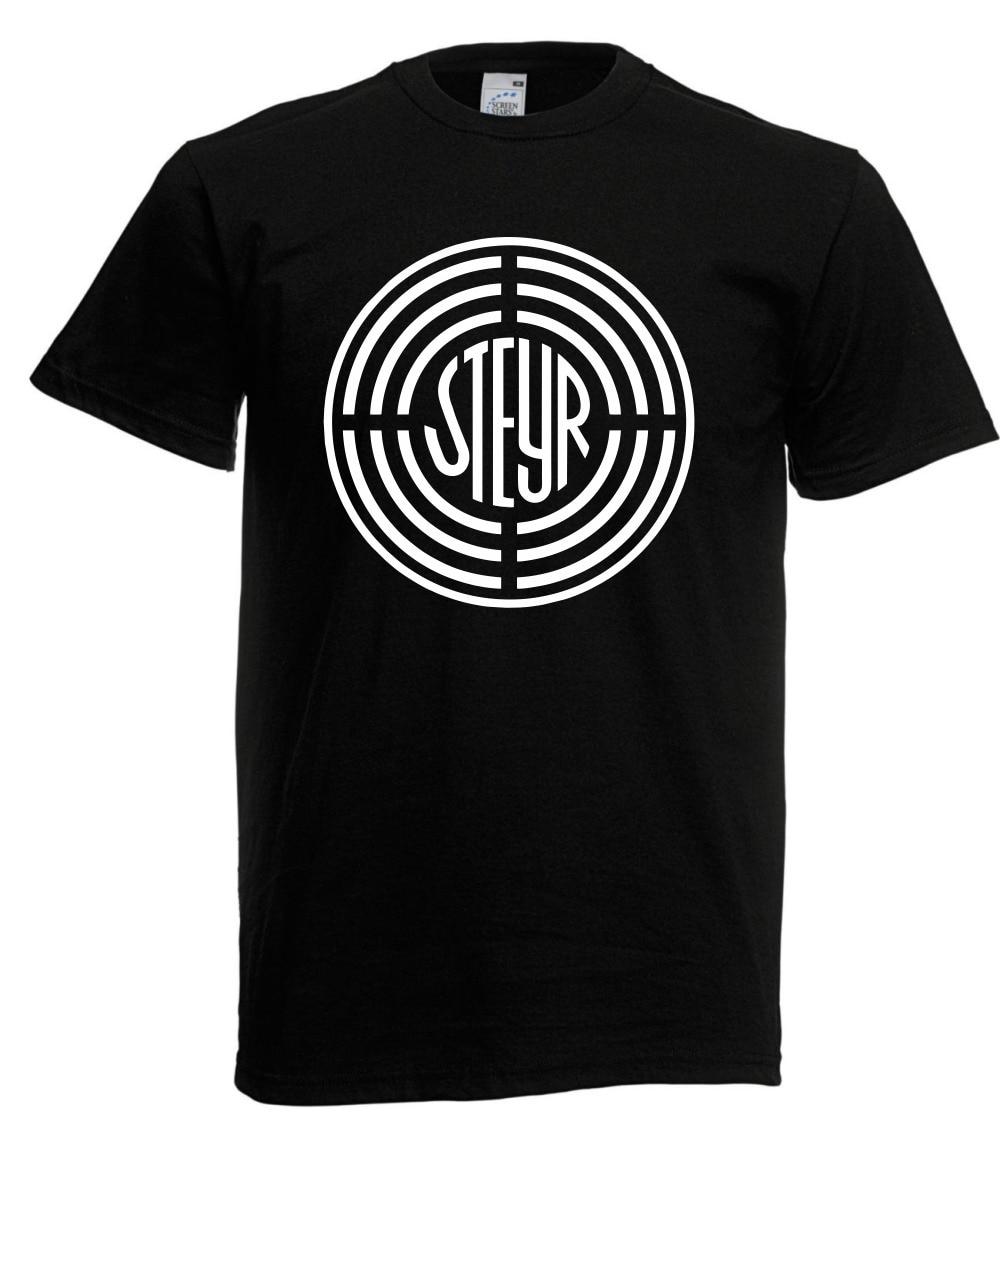 Camiseta para hombre Vintage día ruinerwold Tractor Steyr tamaño hasta 5XL-Mostrar título original